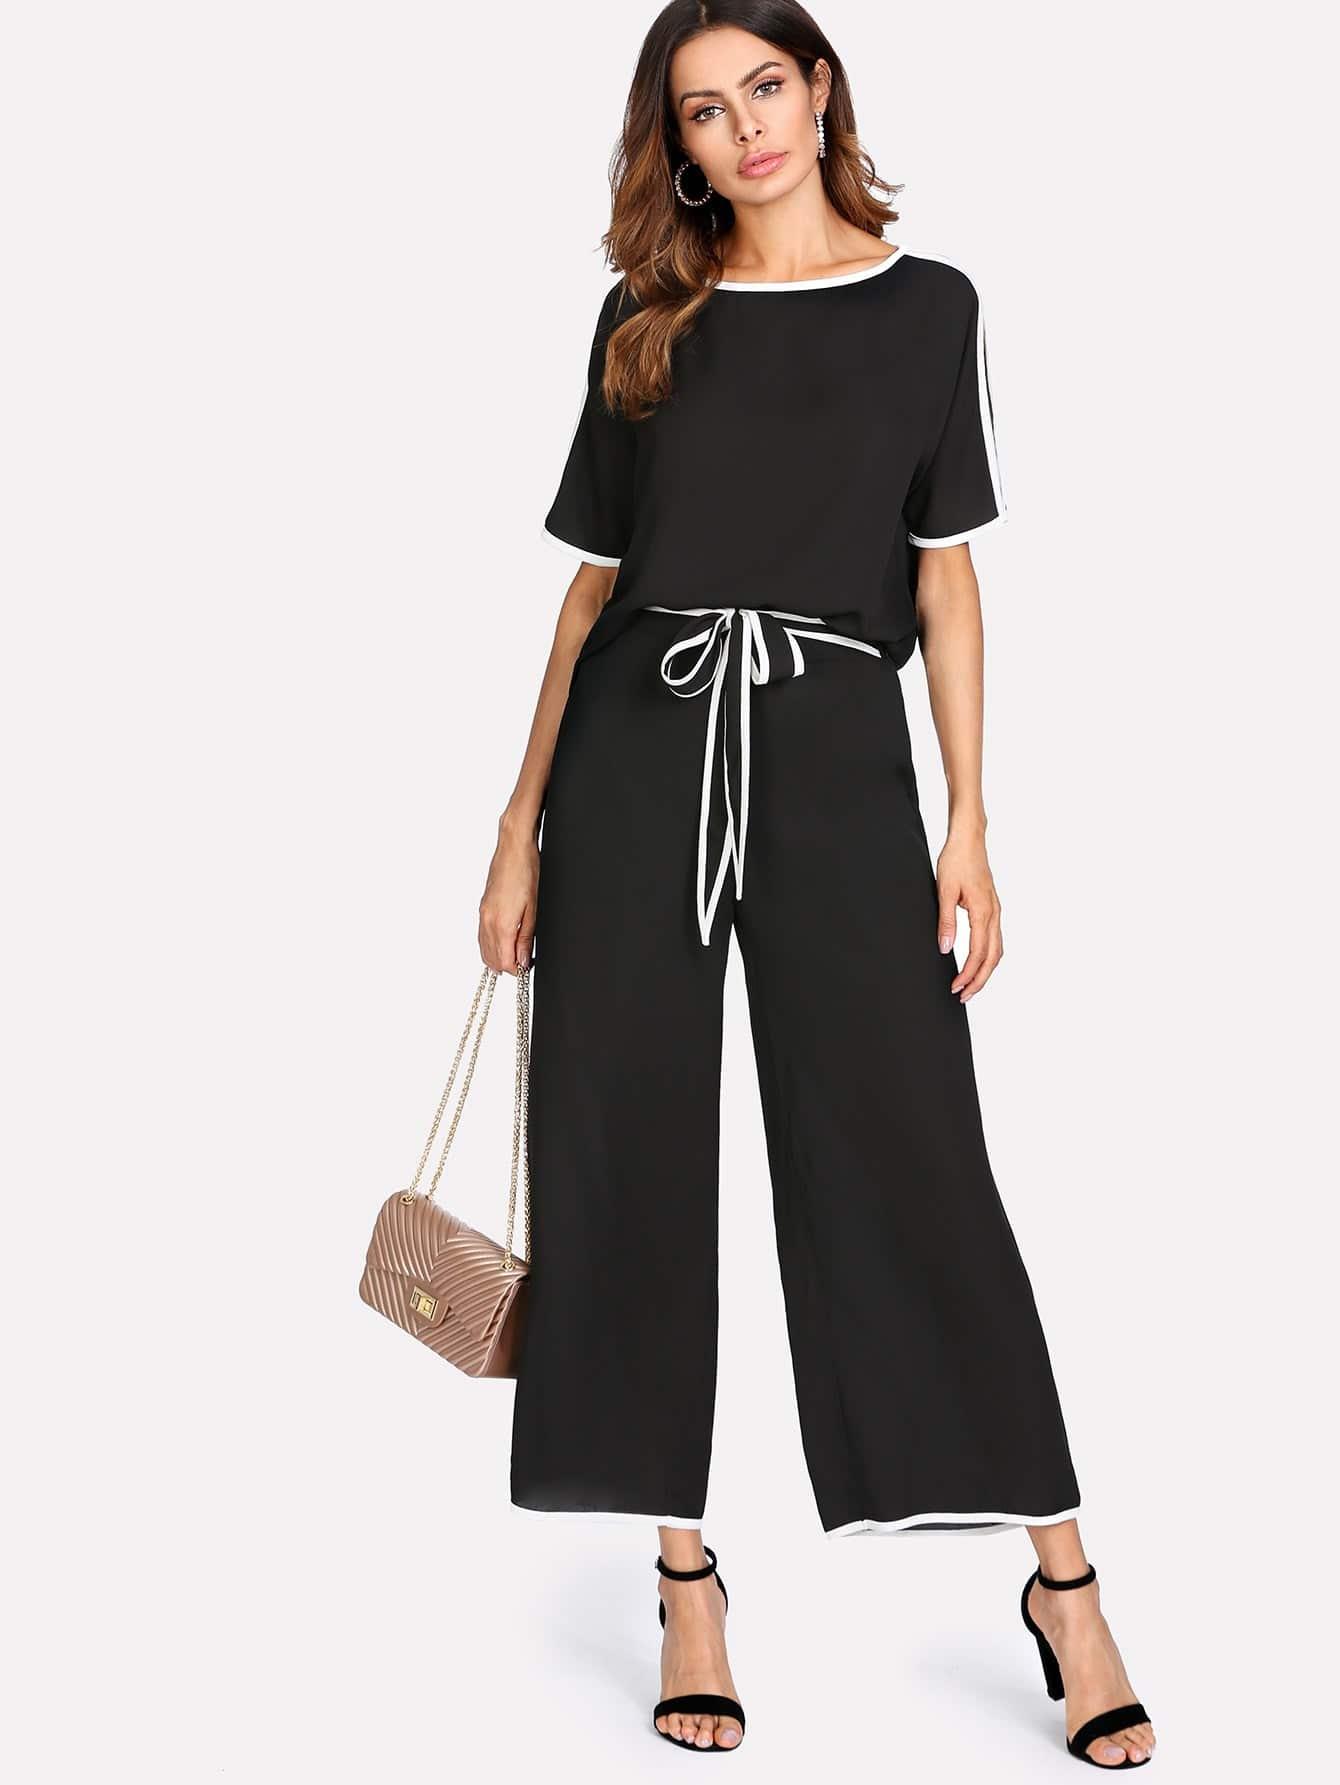 Contrast Binding Split Sleeve Top & Palazzo Pants Set